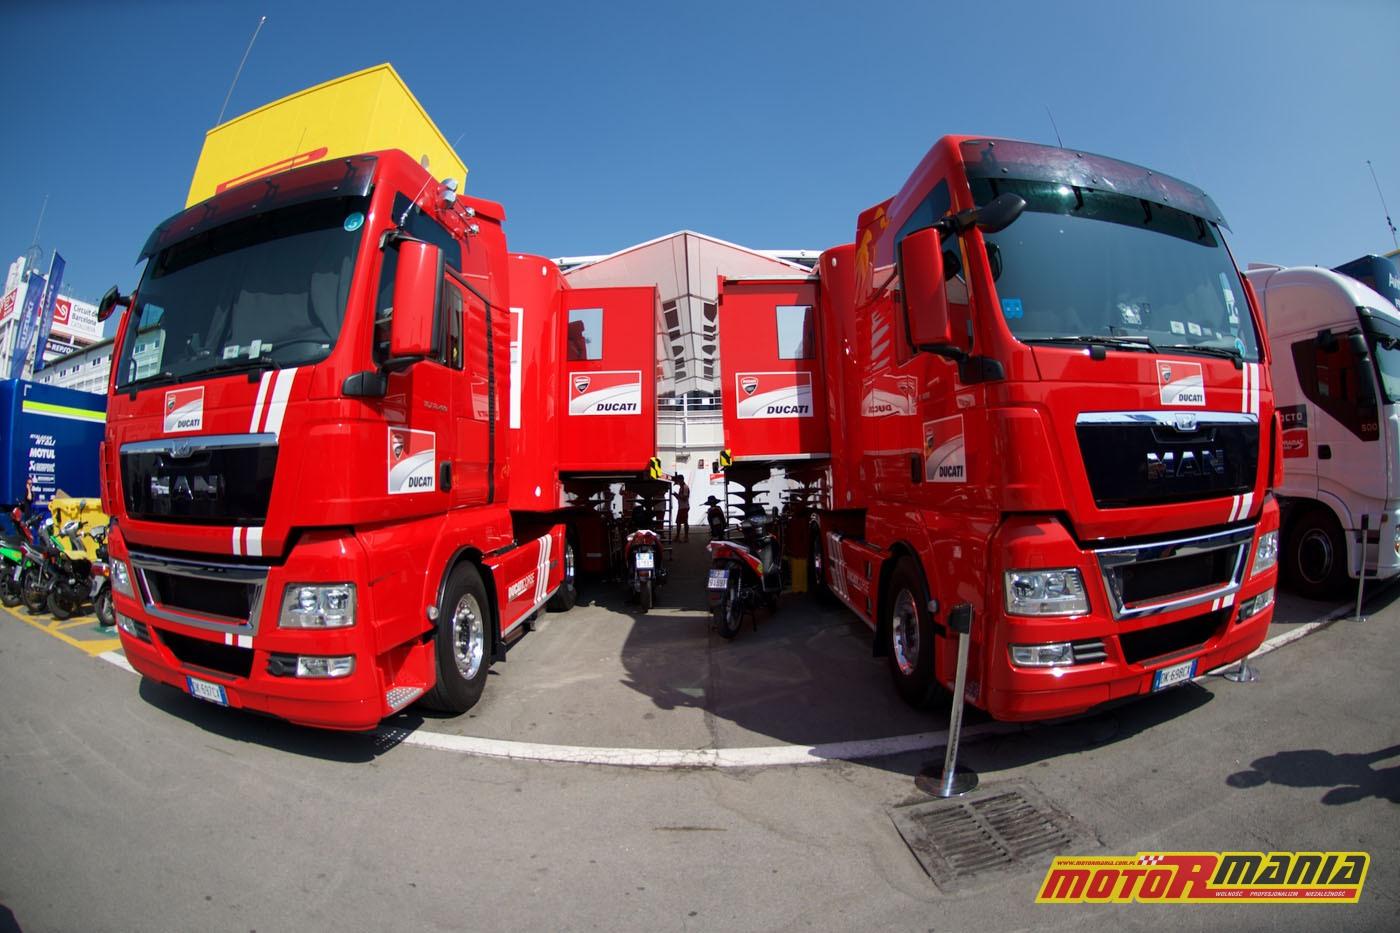 Czwartek na GP Katalonii 2016 (8) - fot Waldemar Walerczuk Photosportagency_com